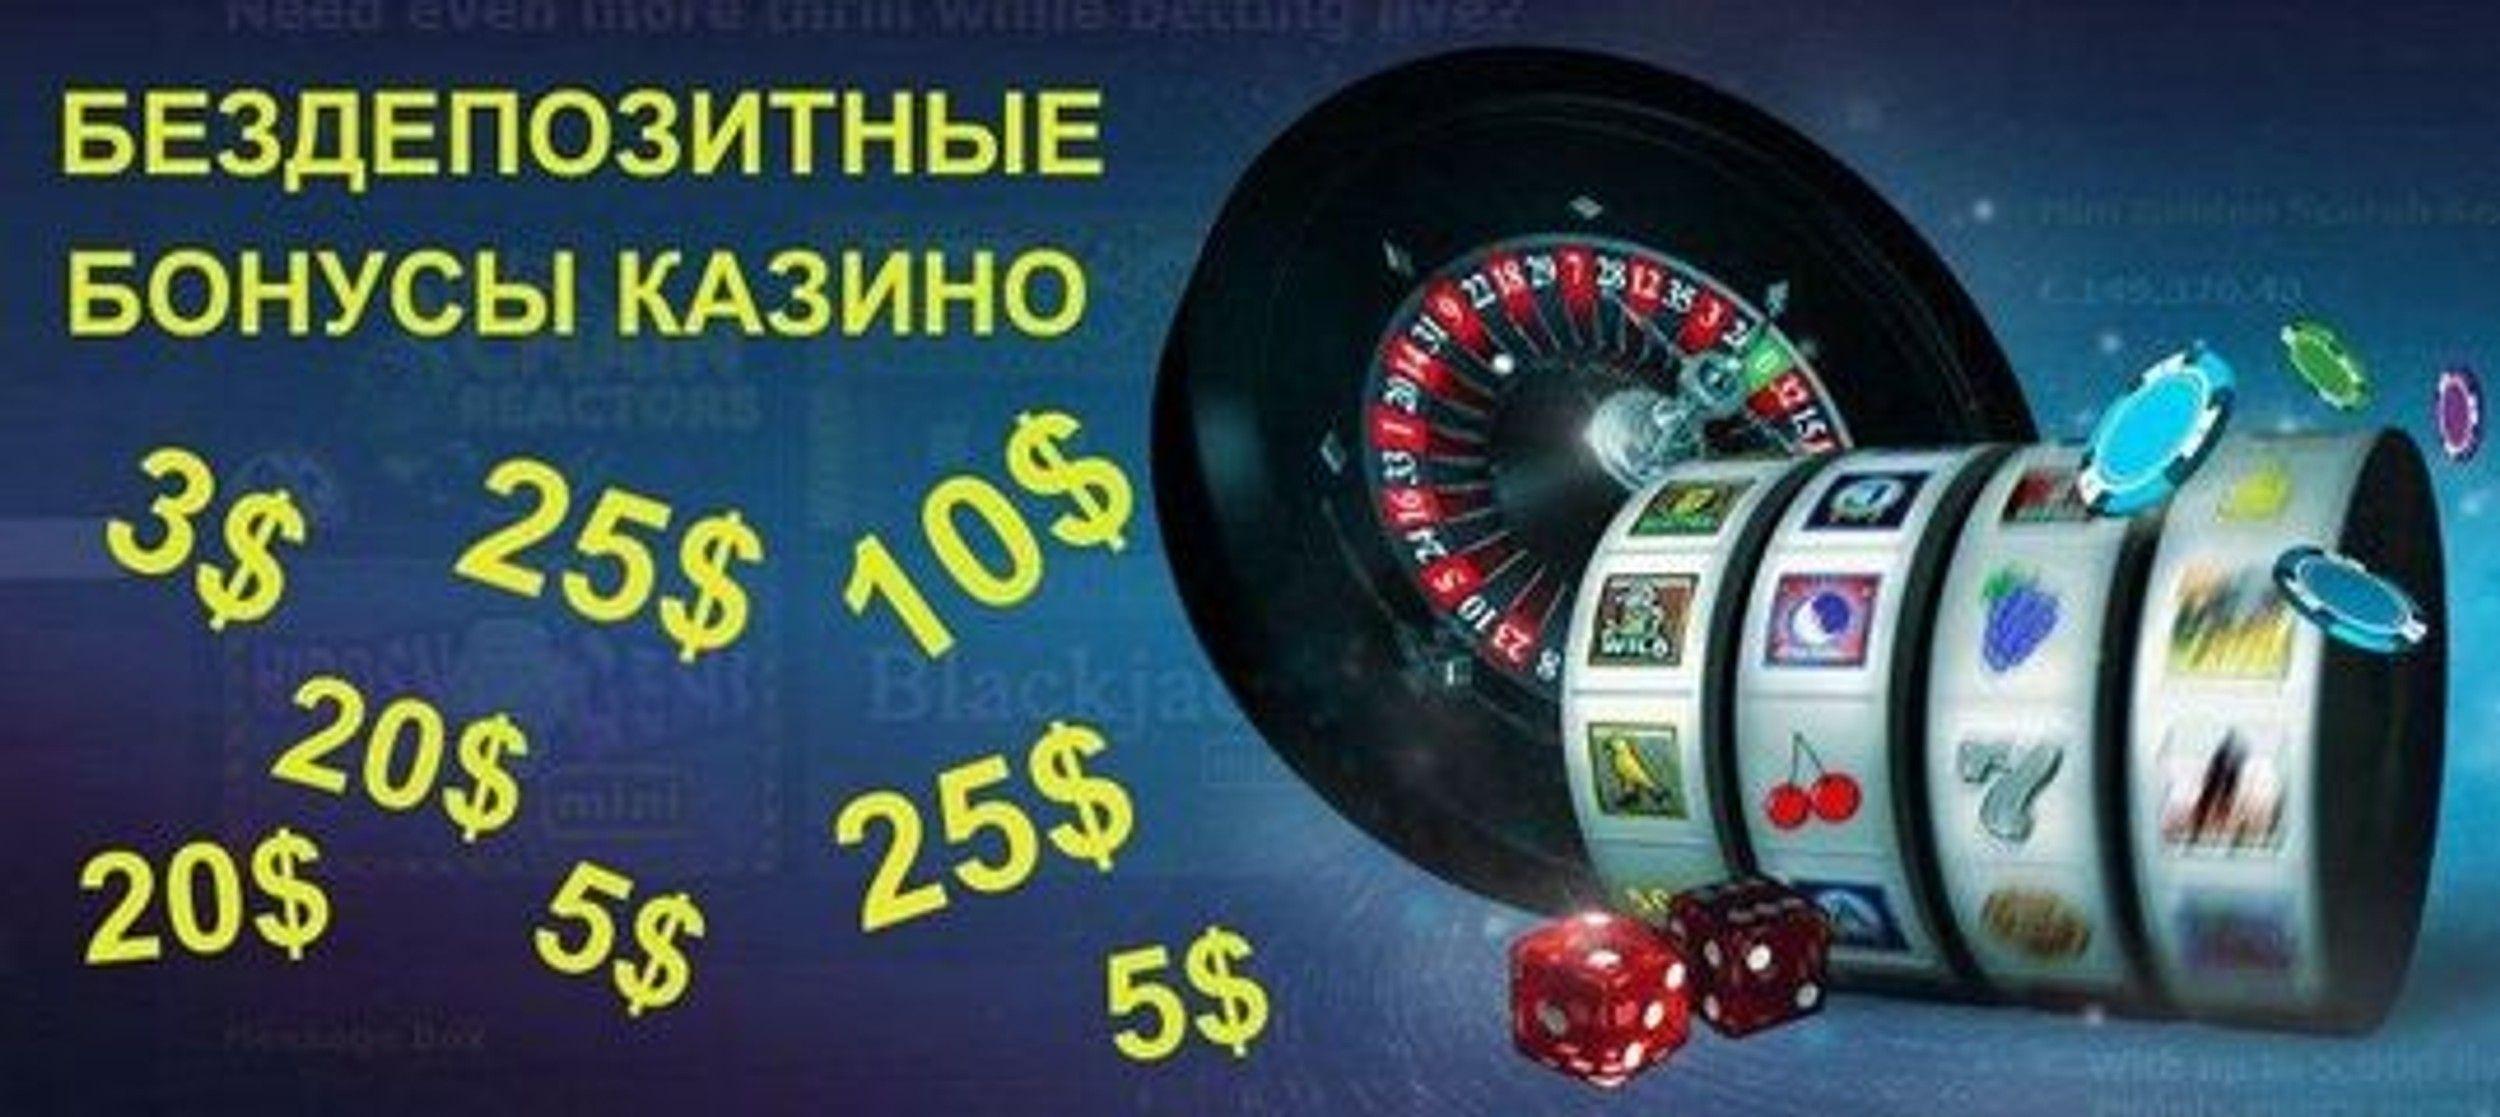 бездепозитные бонусы казино без вейджера